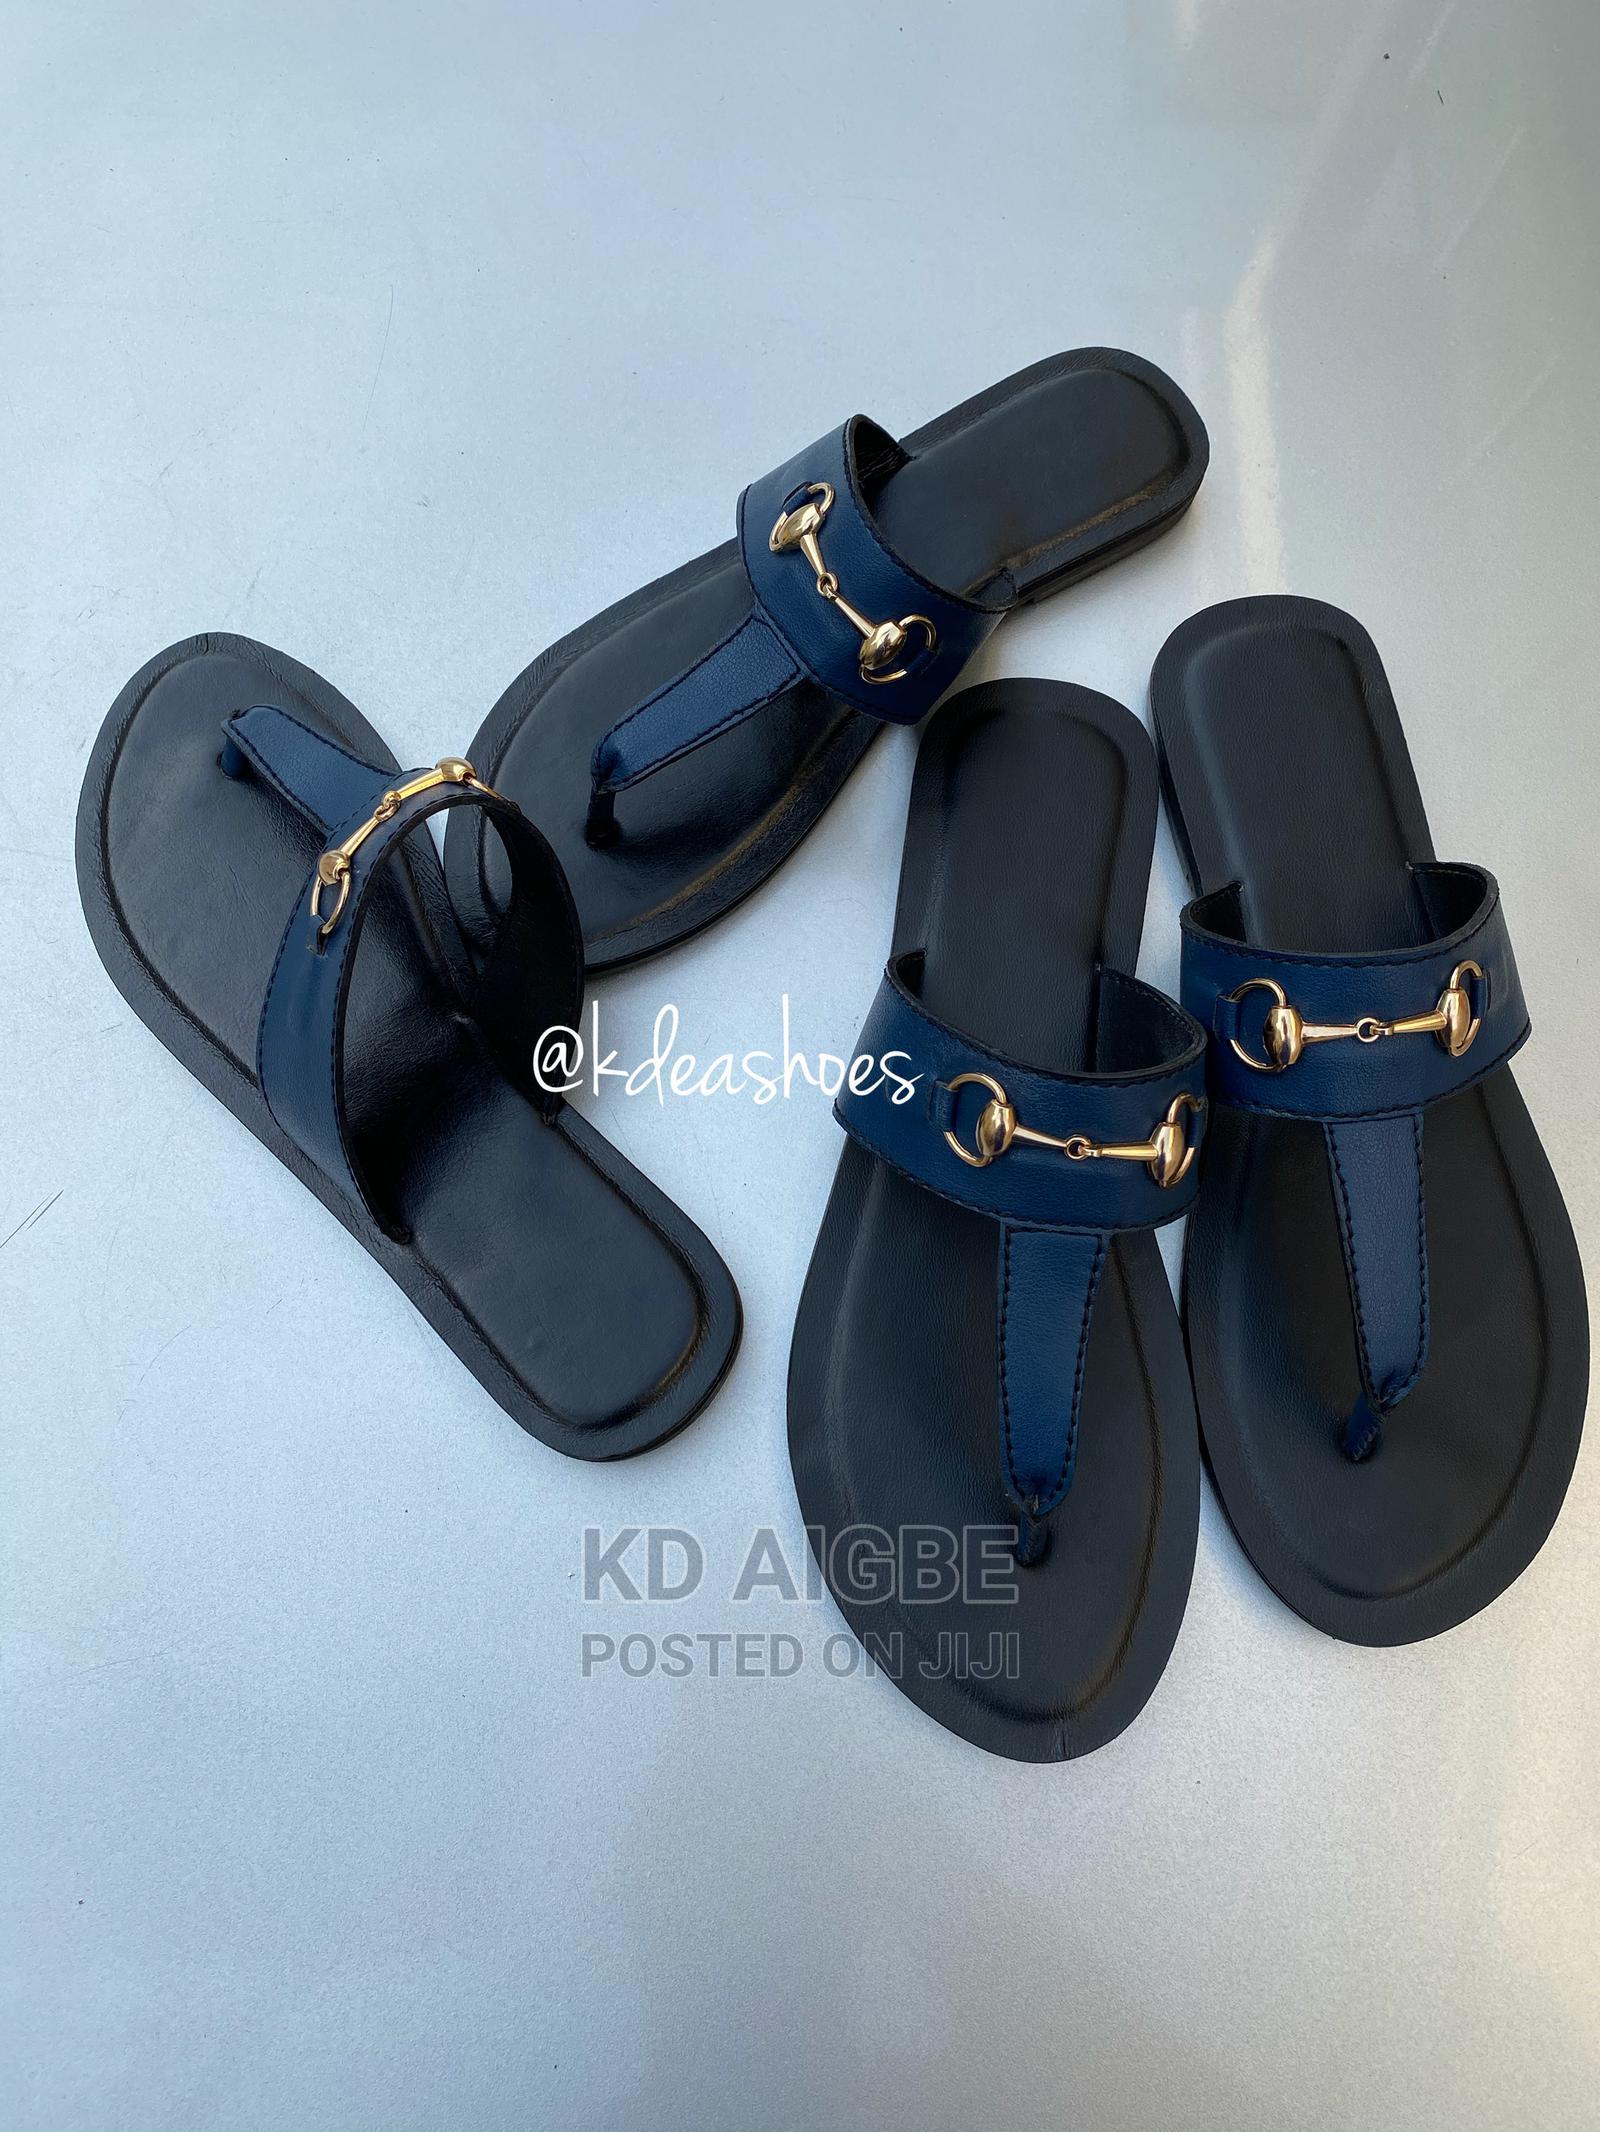 Kdea Shoes